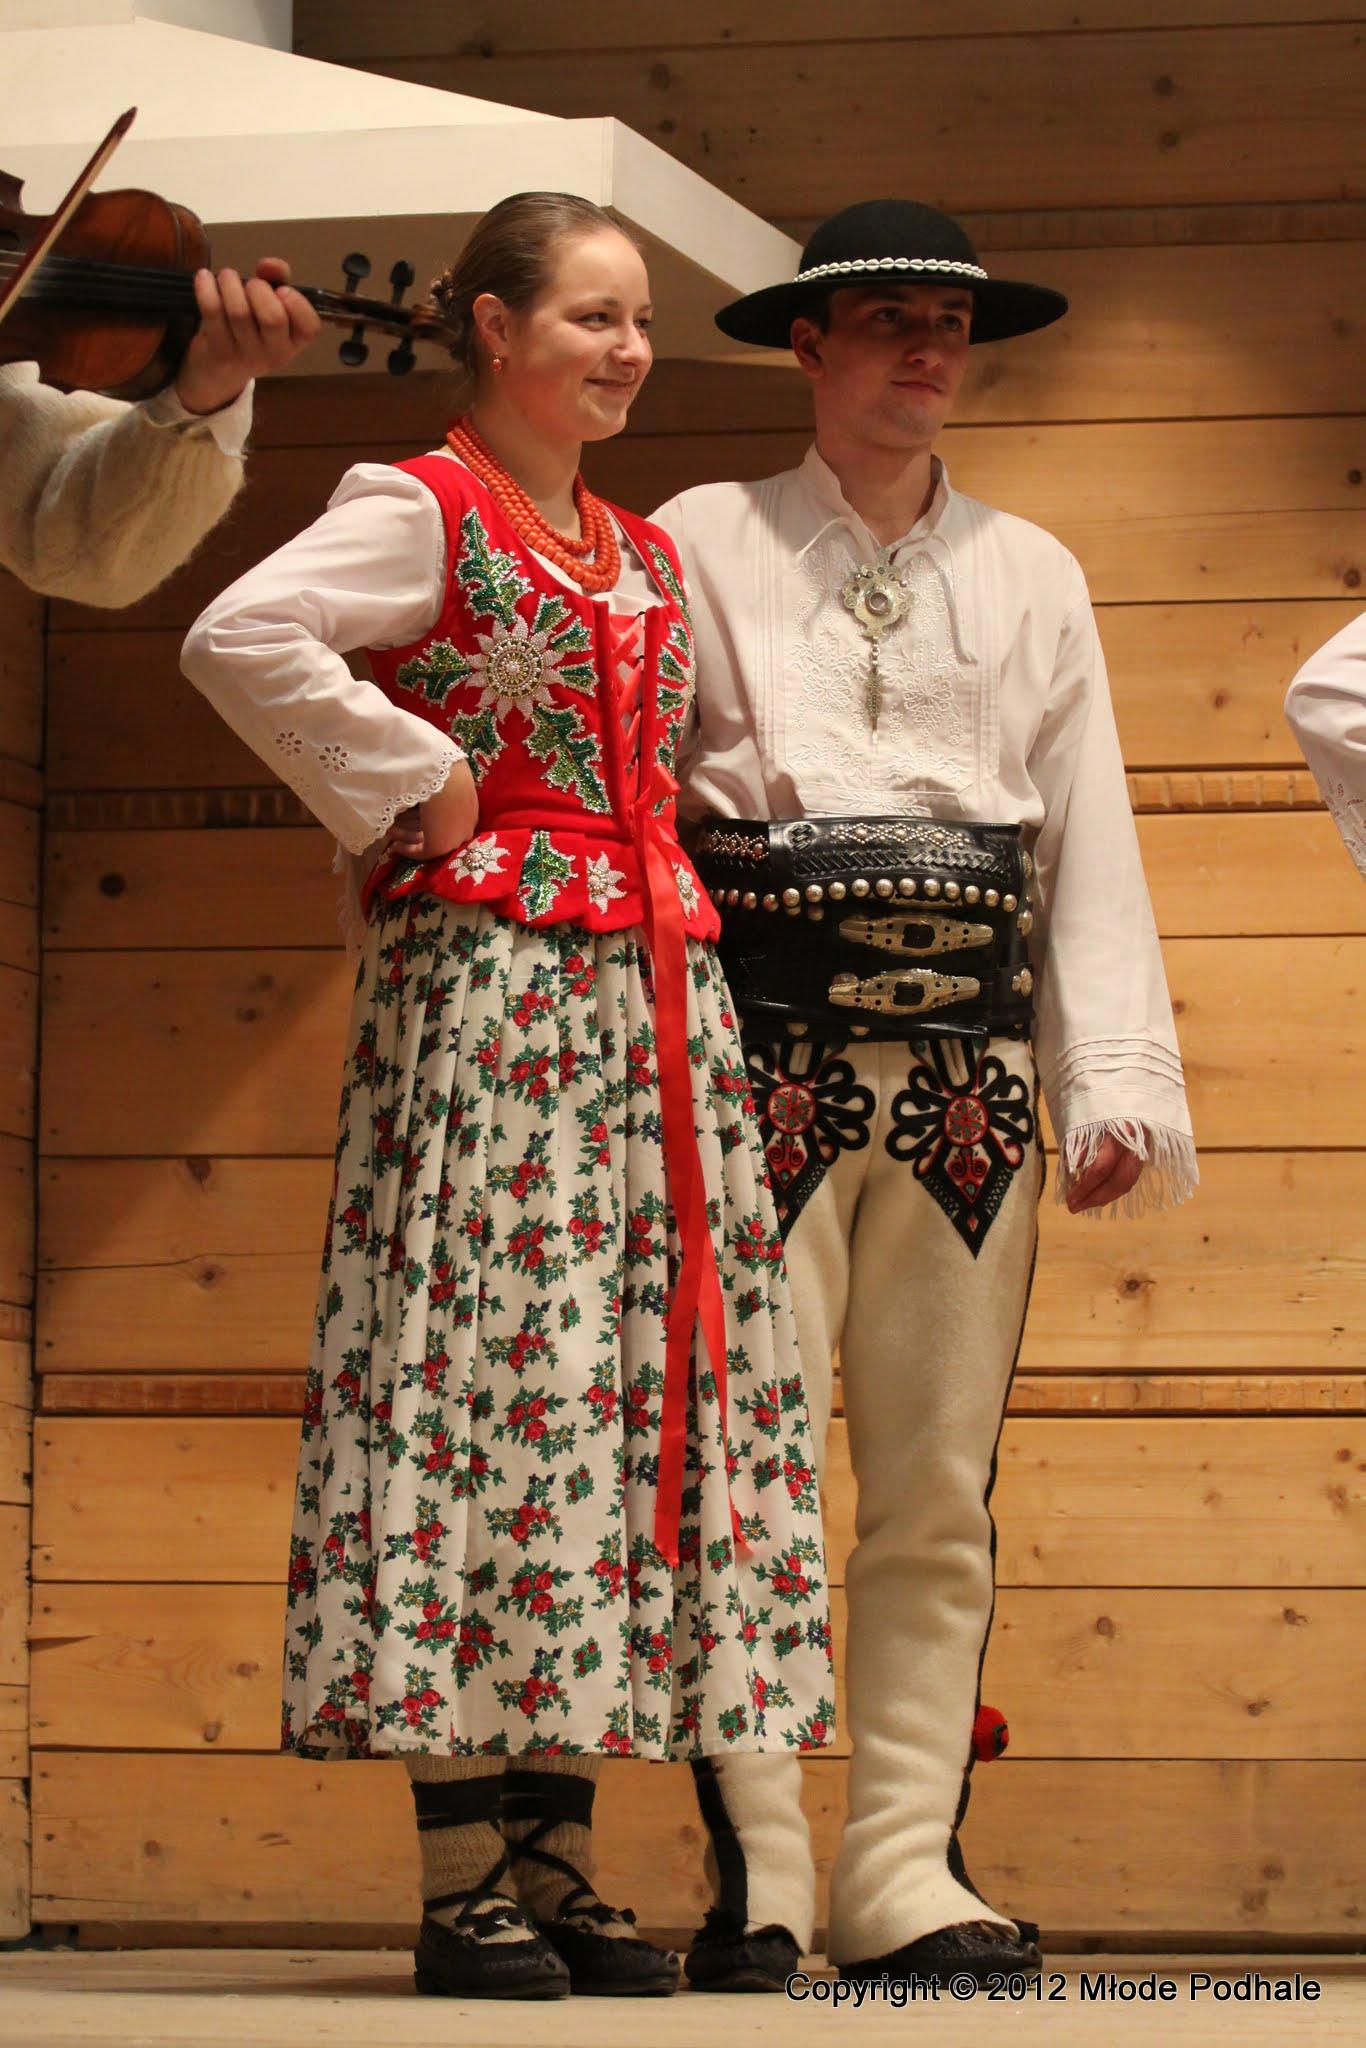 Członkowie zespołu ludowego Młode Podhale w góralskich strojach ludowych